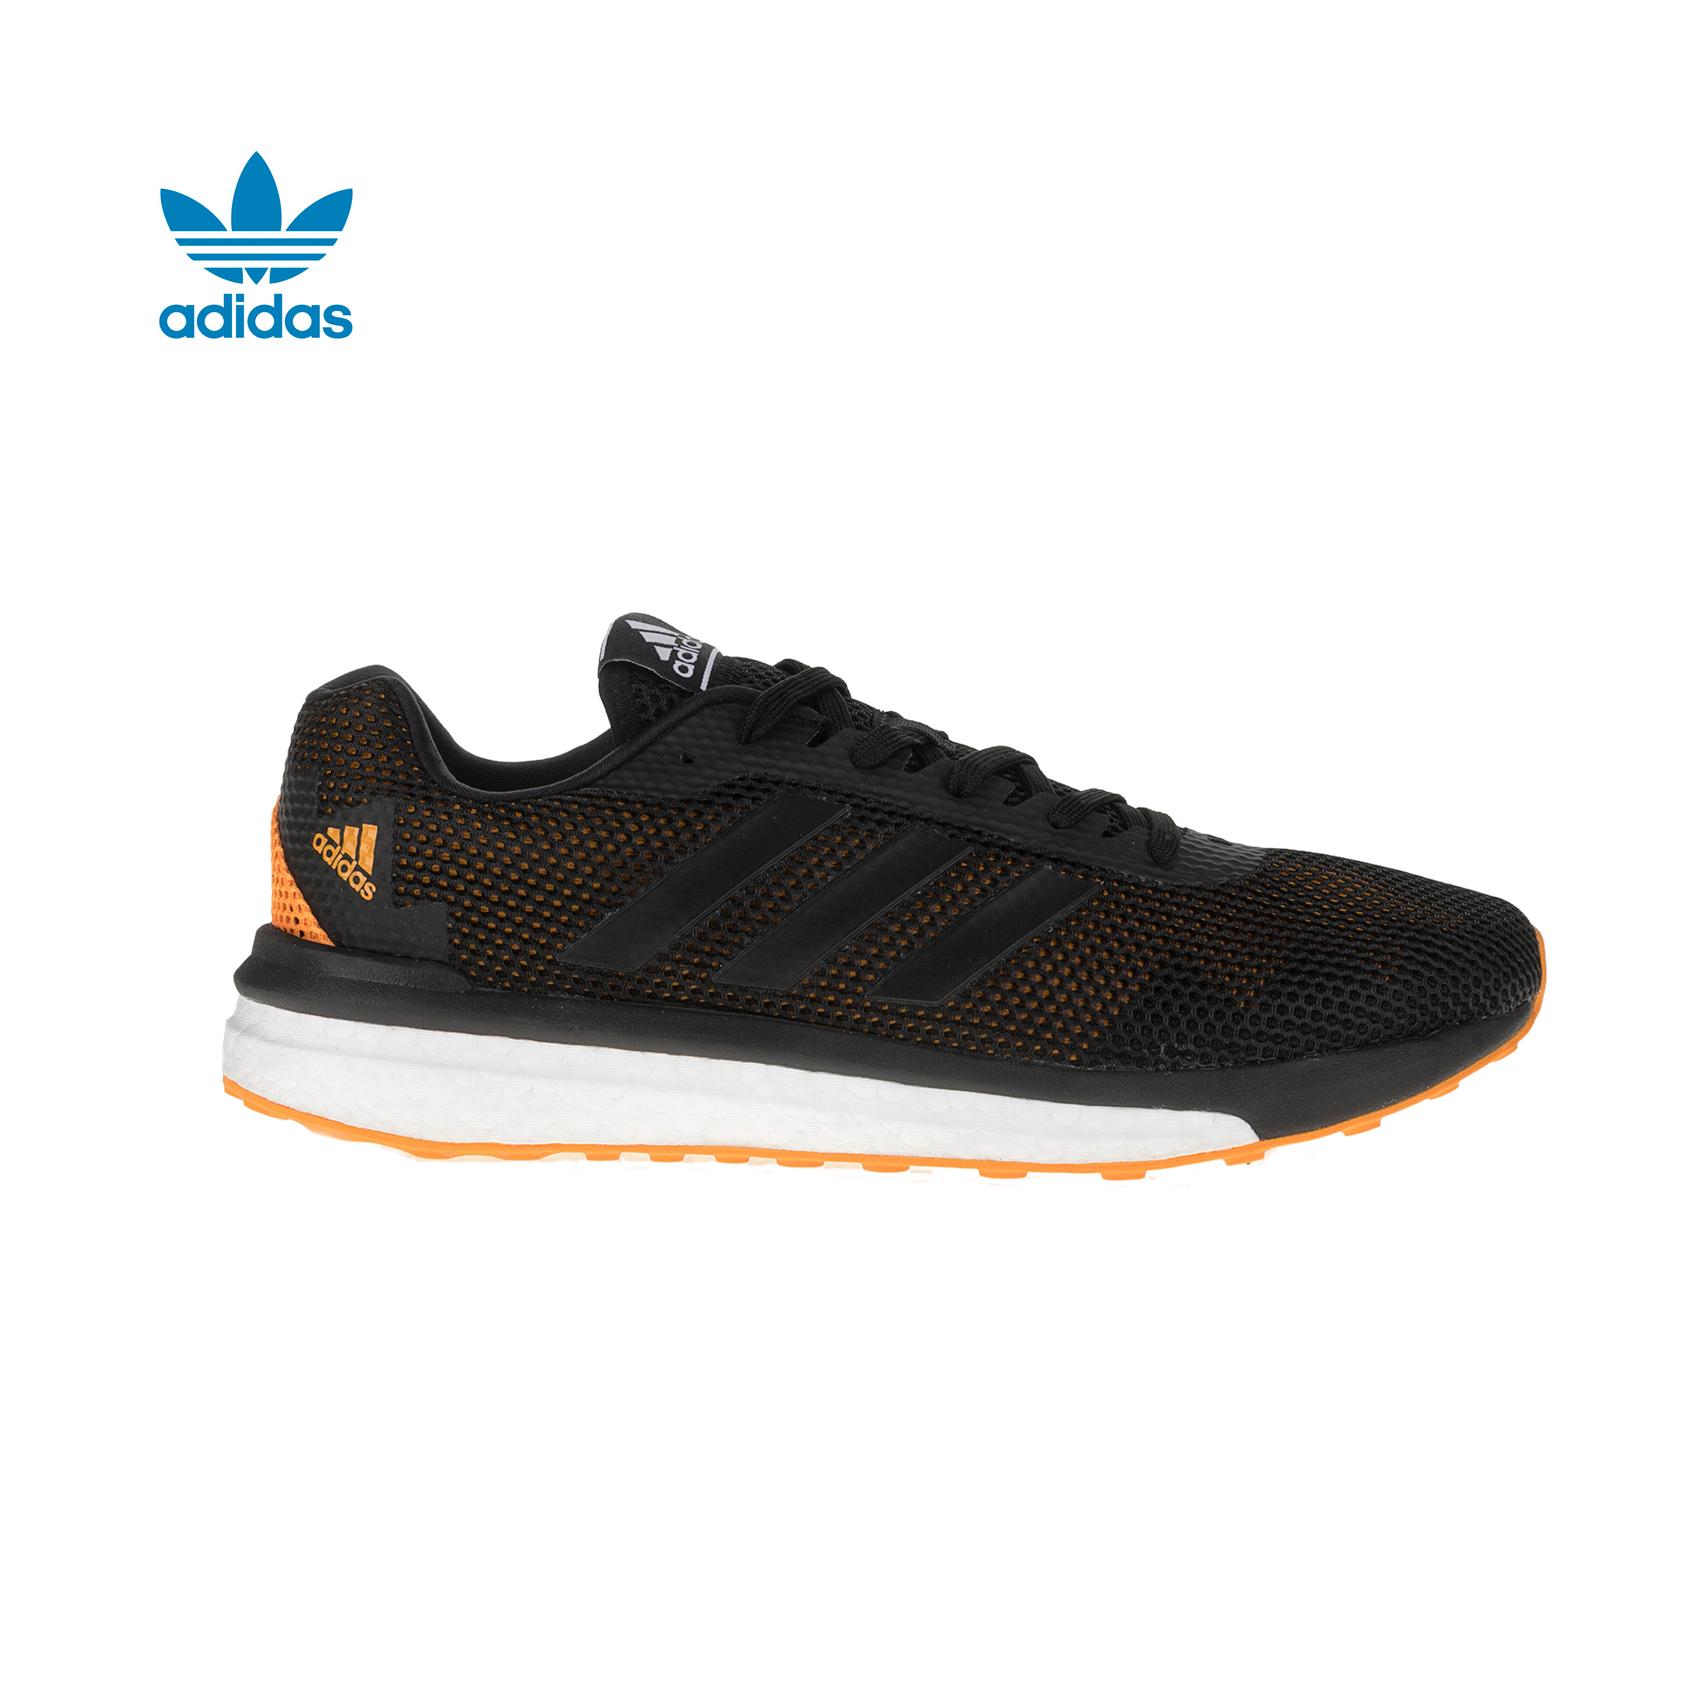 4fcc725ccc9 adidas Originals - Ανδρικά παπούτσια adidas vengeful μαύρα